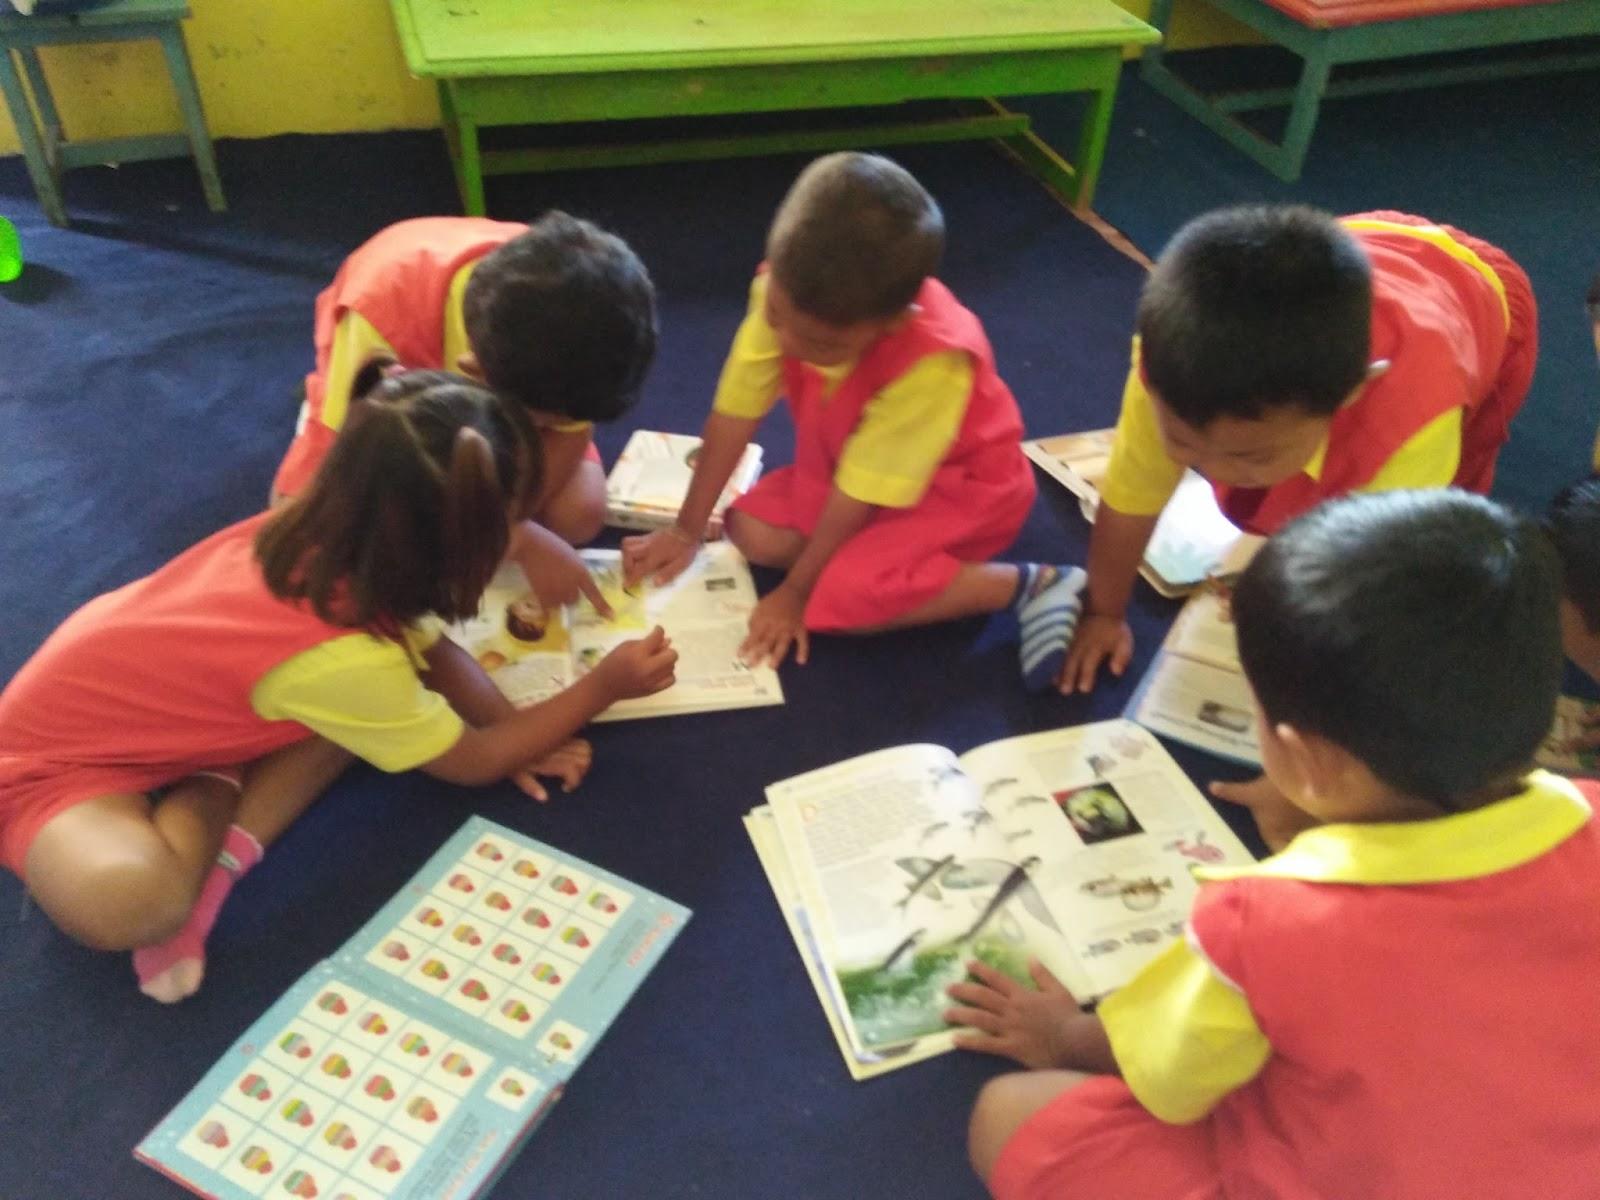 Sentra persiapan adalah pusat kegiatan bermain untukmempersiapkan anak mengenal tulisan huruf dan menghitung Kegiatan ini guna membantu anak mempersiapkan